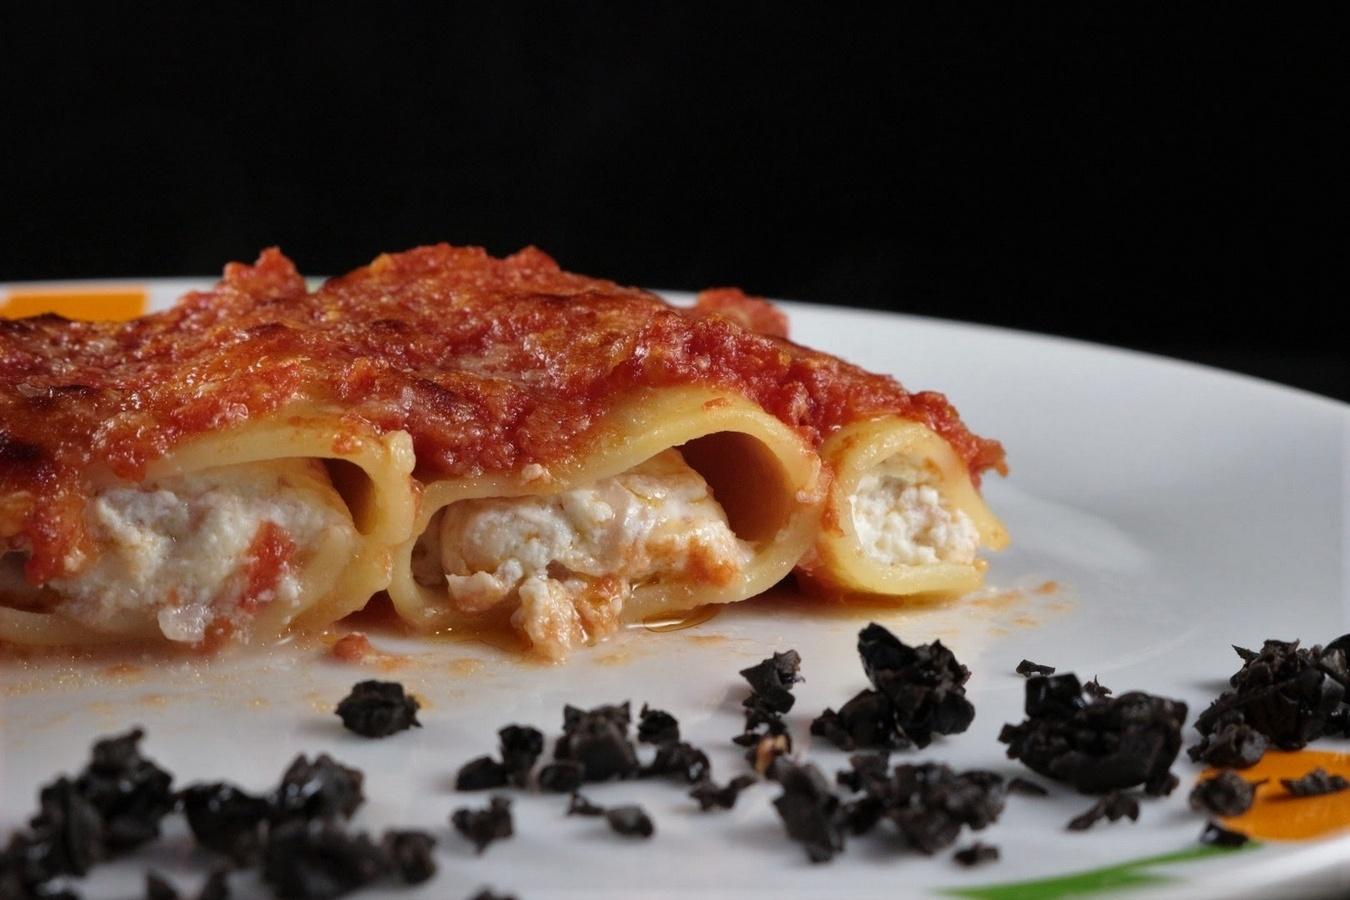 corso di cucina a torino corso di pasta fresca la palestra del cibo pasta fresca ripiena